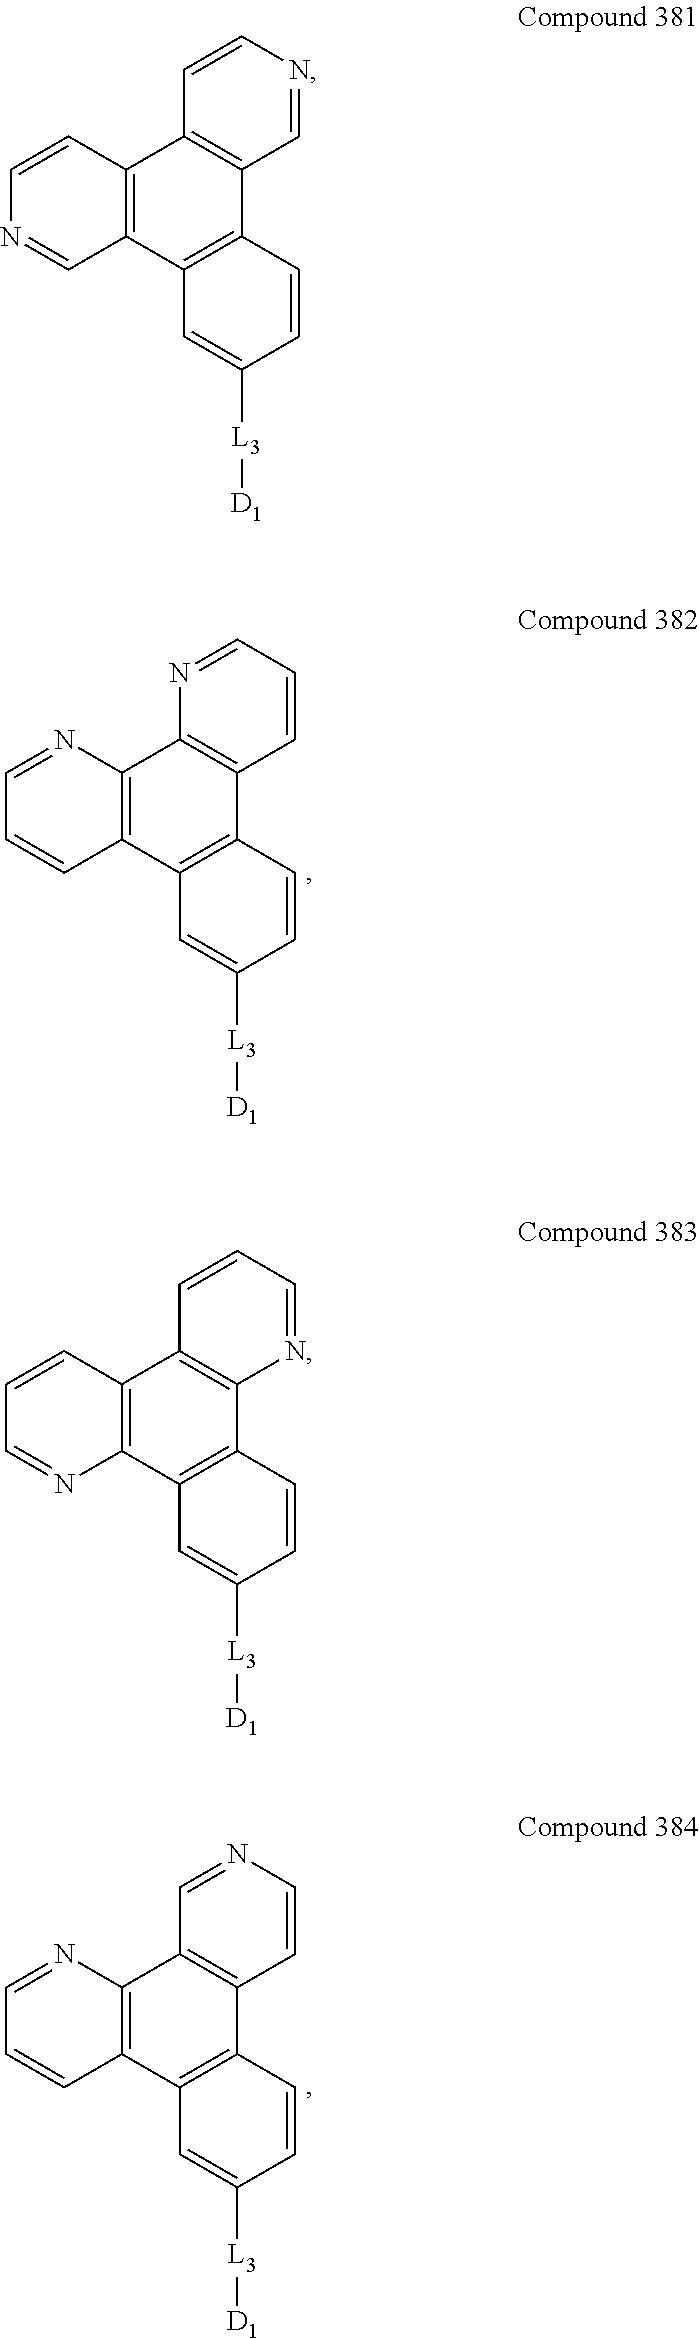 Figure US09537106-20170103-C00104